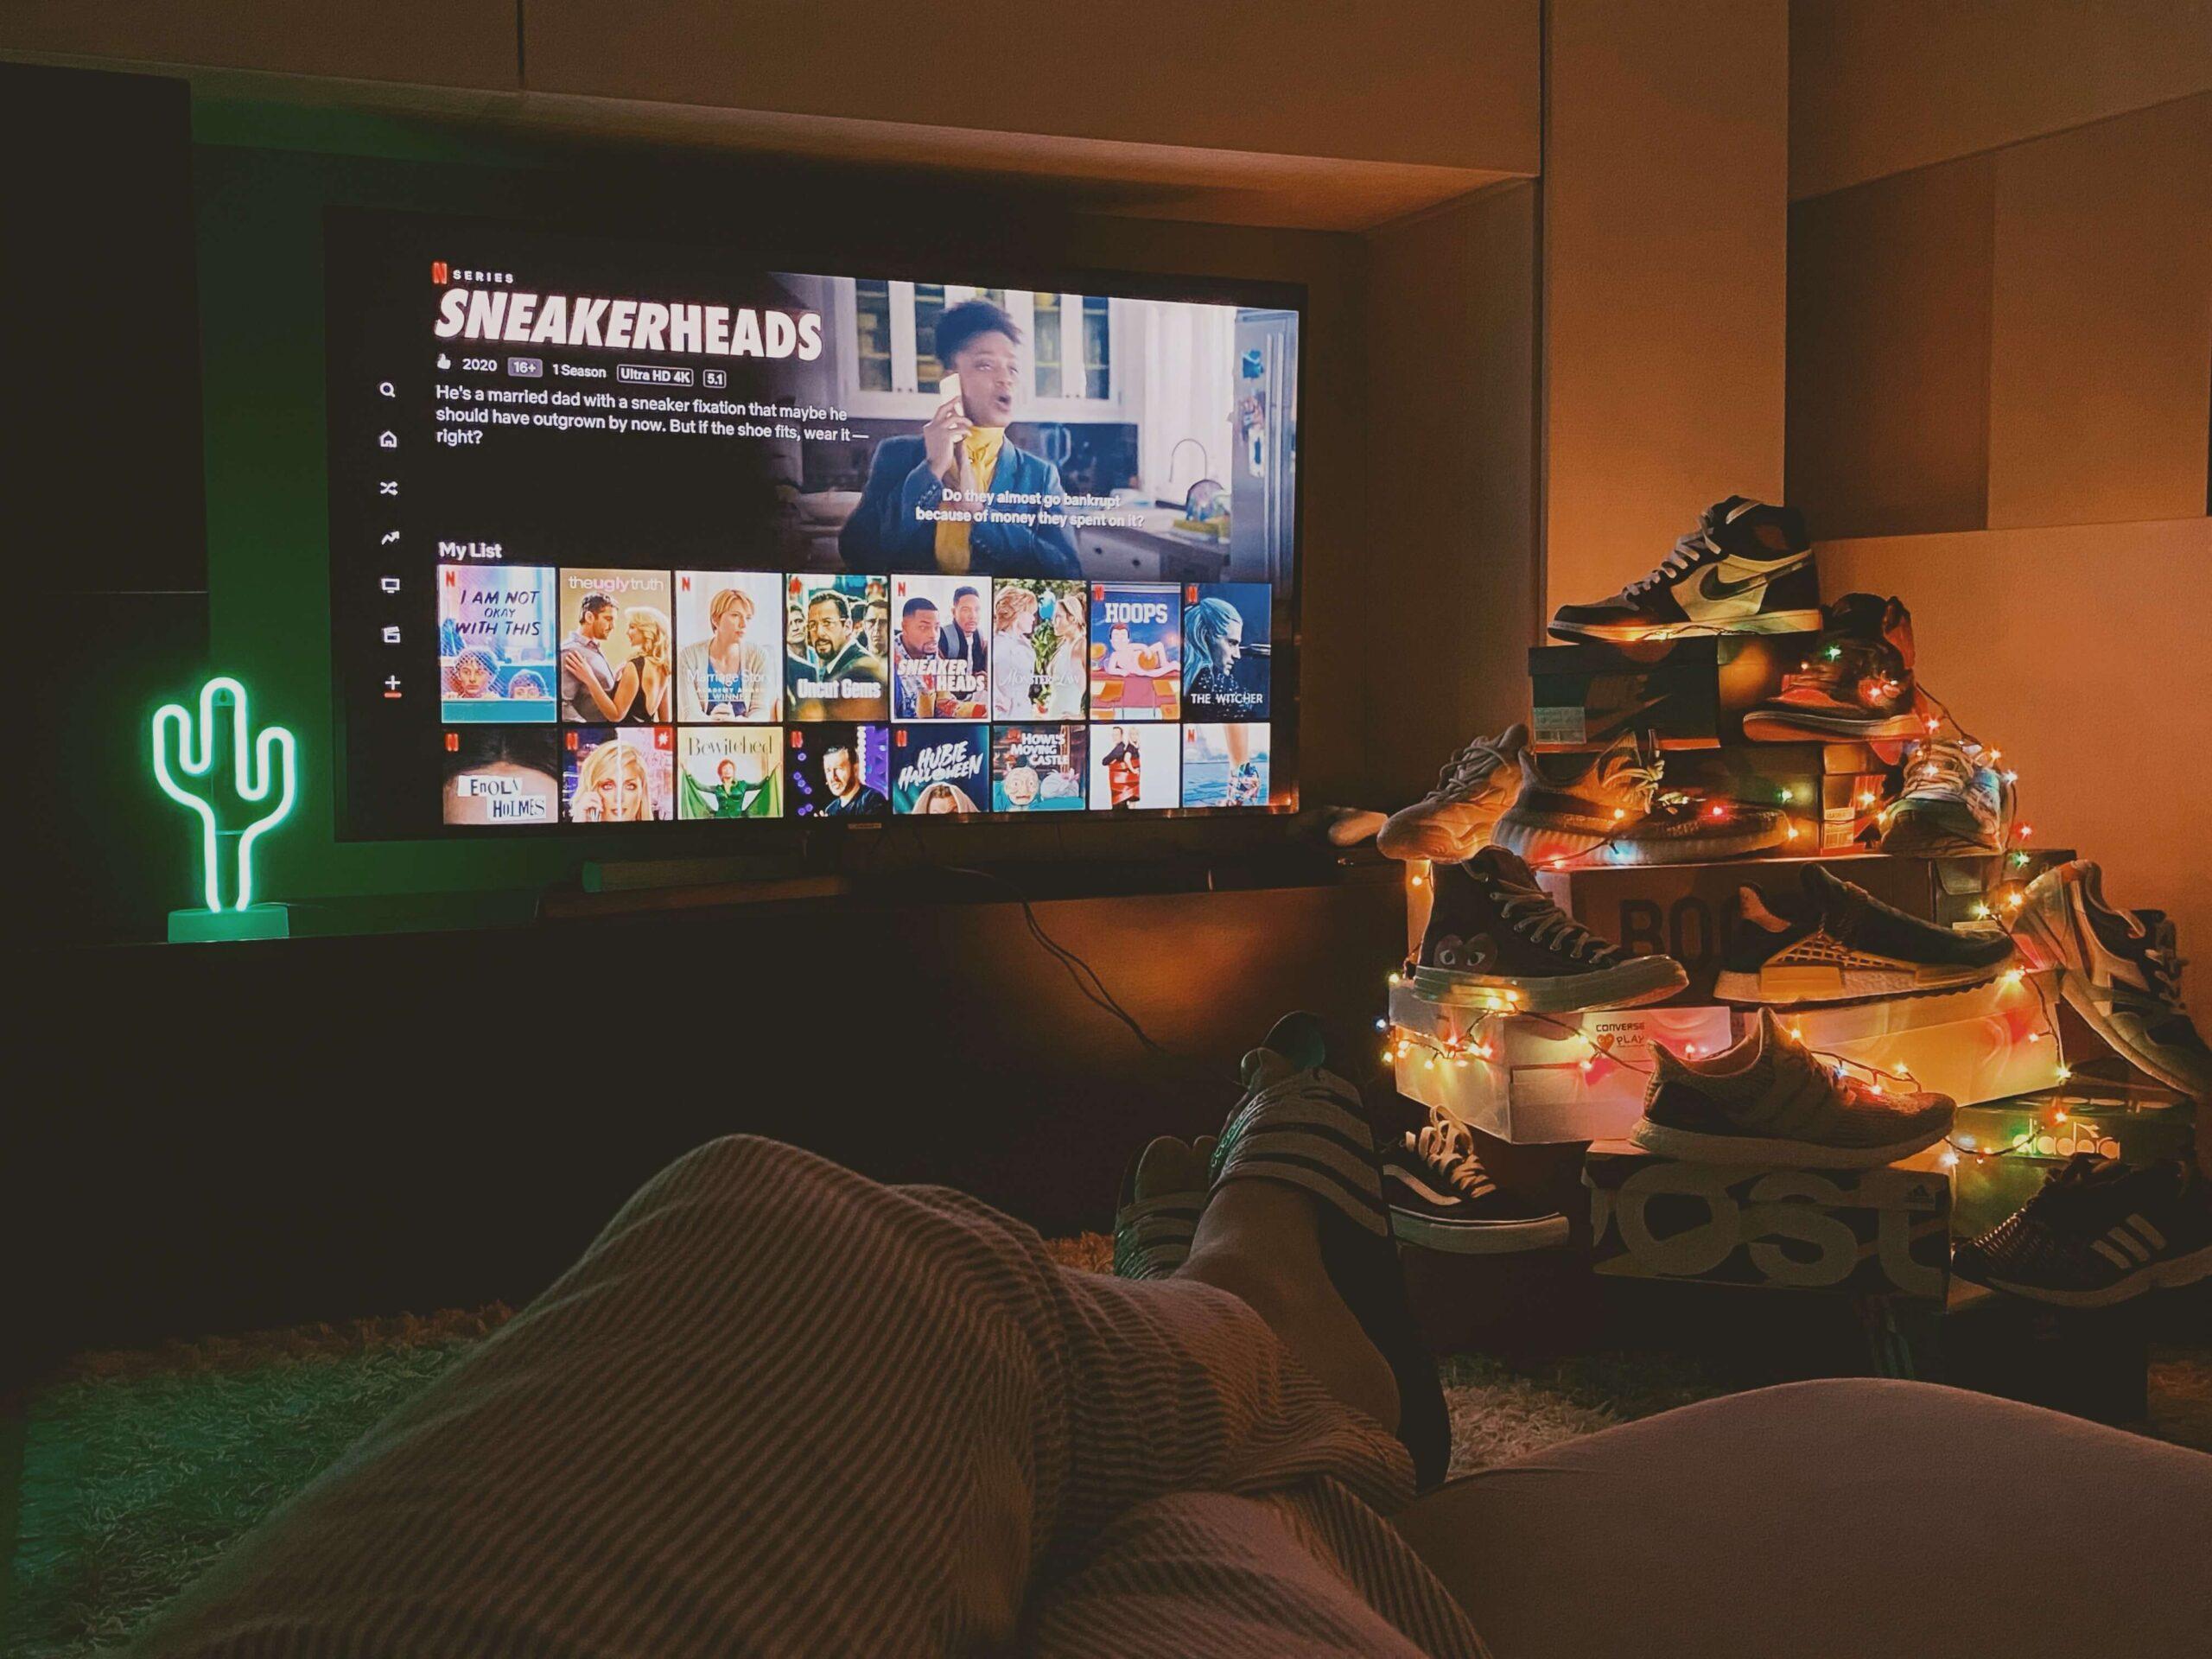 collezione di scarpe di fianco al televisore sintonizzato su Netflix